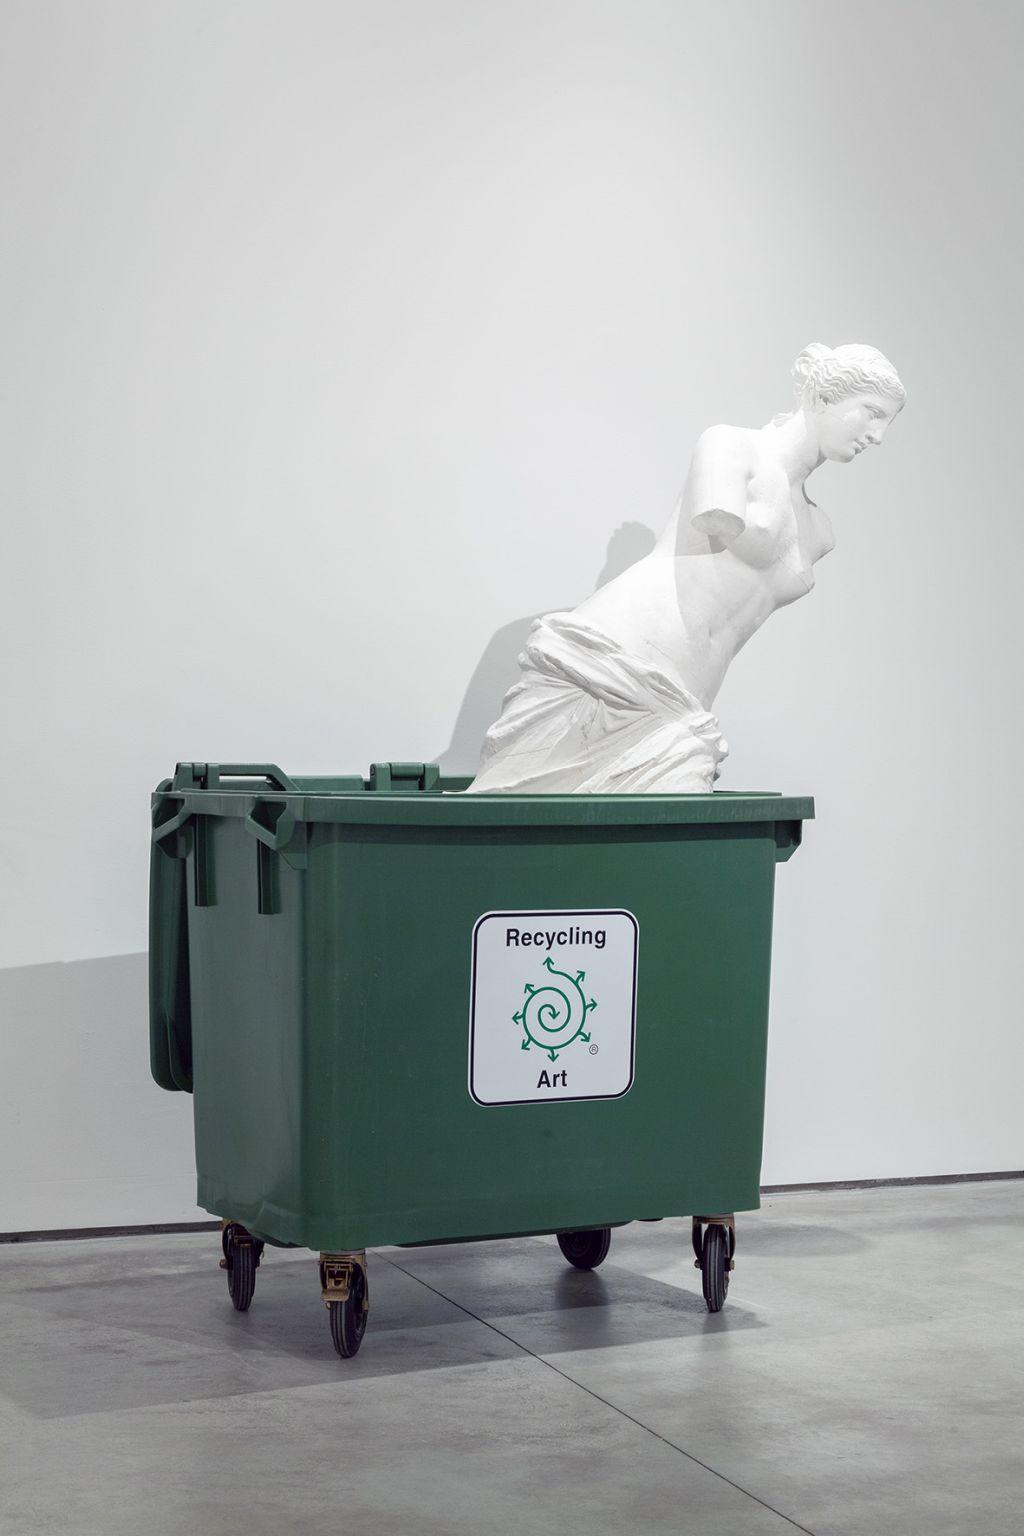 Bjørn Nørgaard, Recycling Art | 2016, instalacja, 220 × 160 × 80 cm, Kolekcja MOCAK-u. Dofinansowano ze środków Ministra Kultury, Dziedzictwa Narodowego i Sportu pochodzących z Funduszu Promocji Kultury